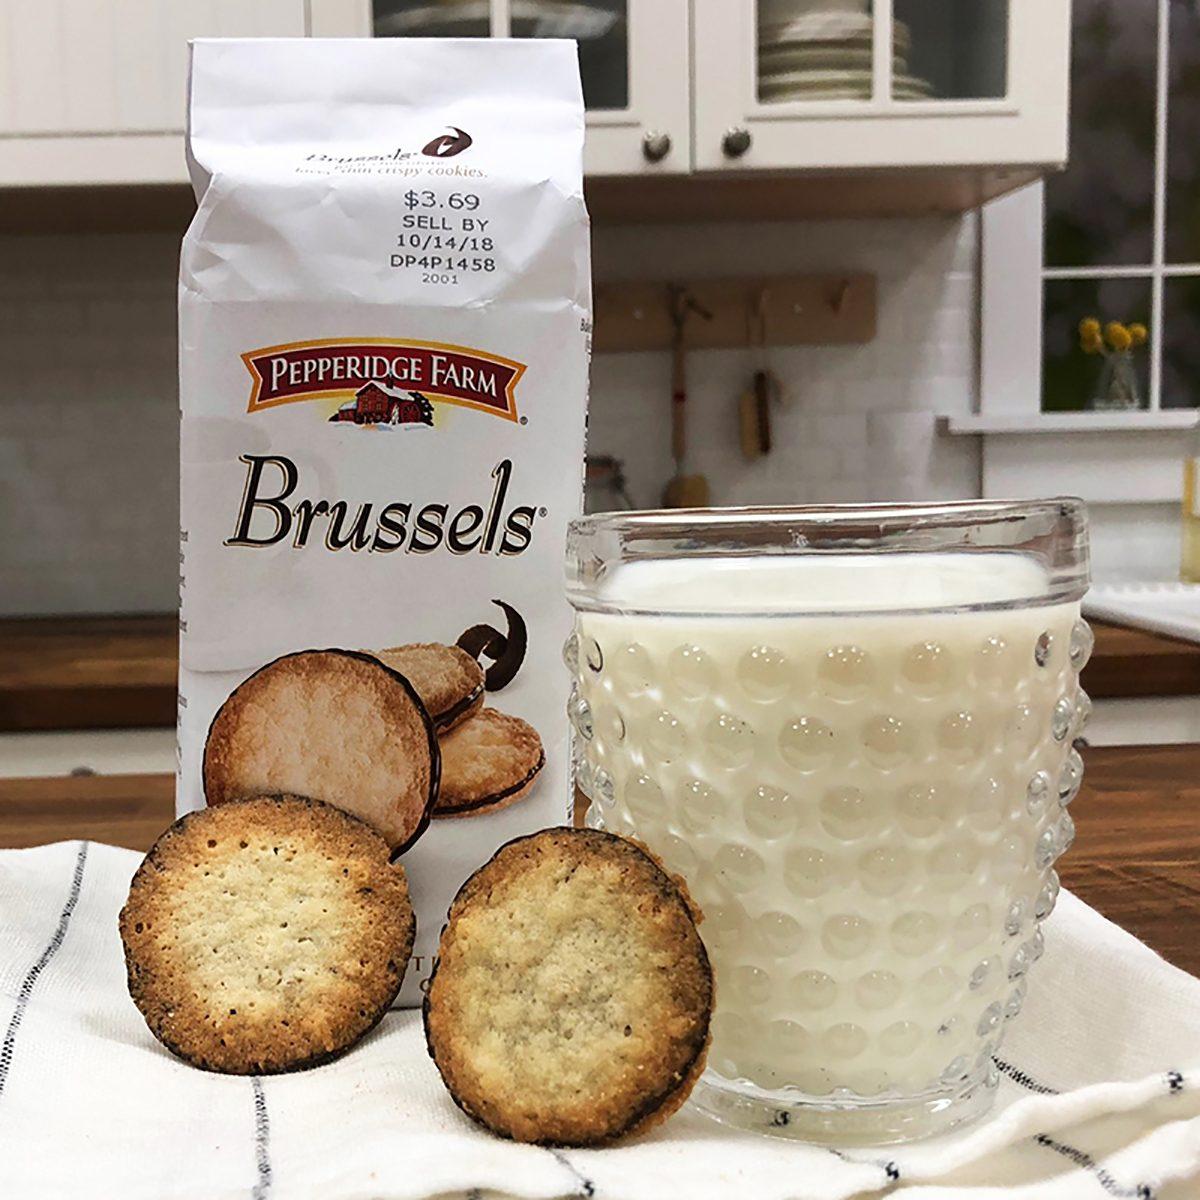 Pepperidge Farm Brussels Cookies